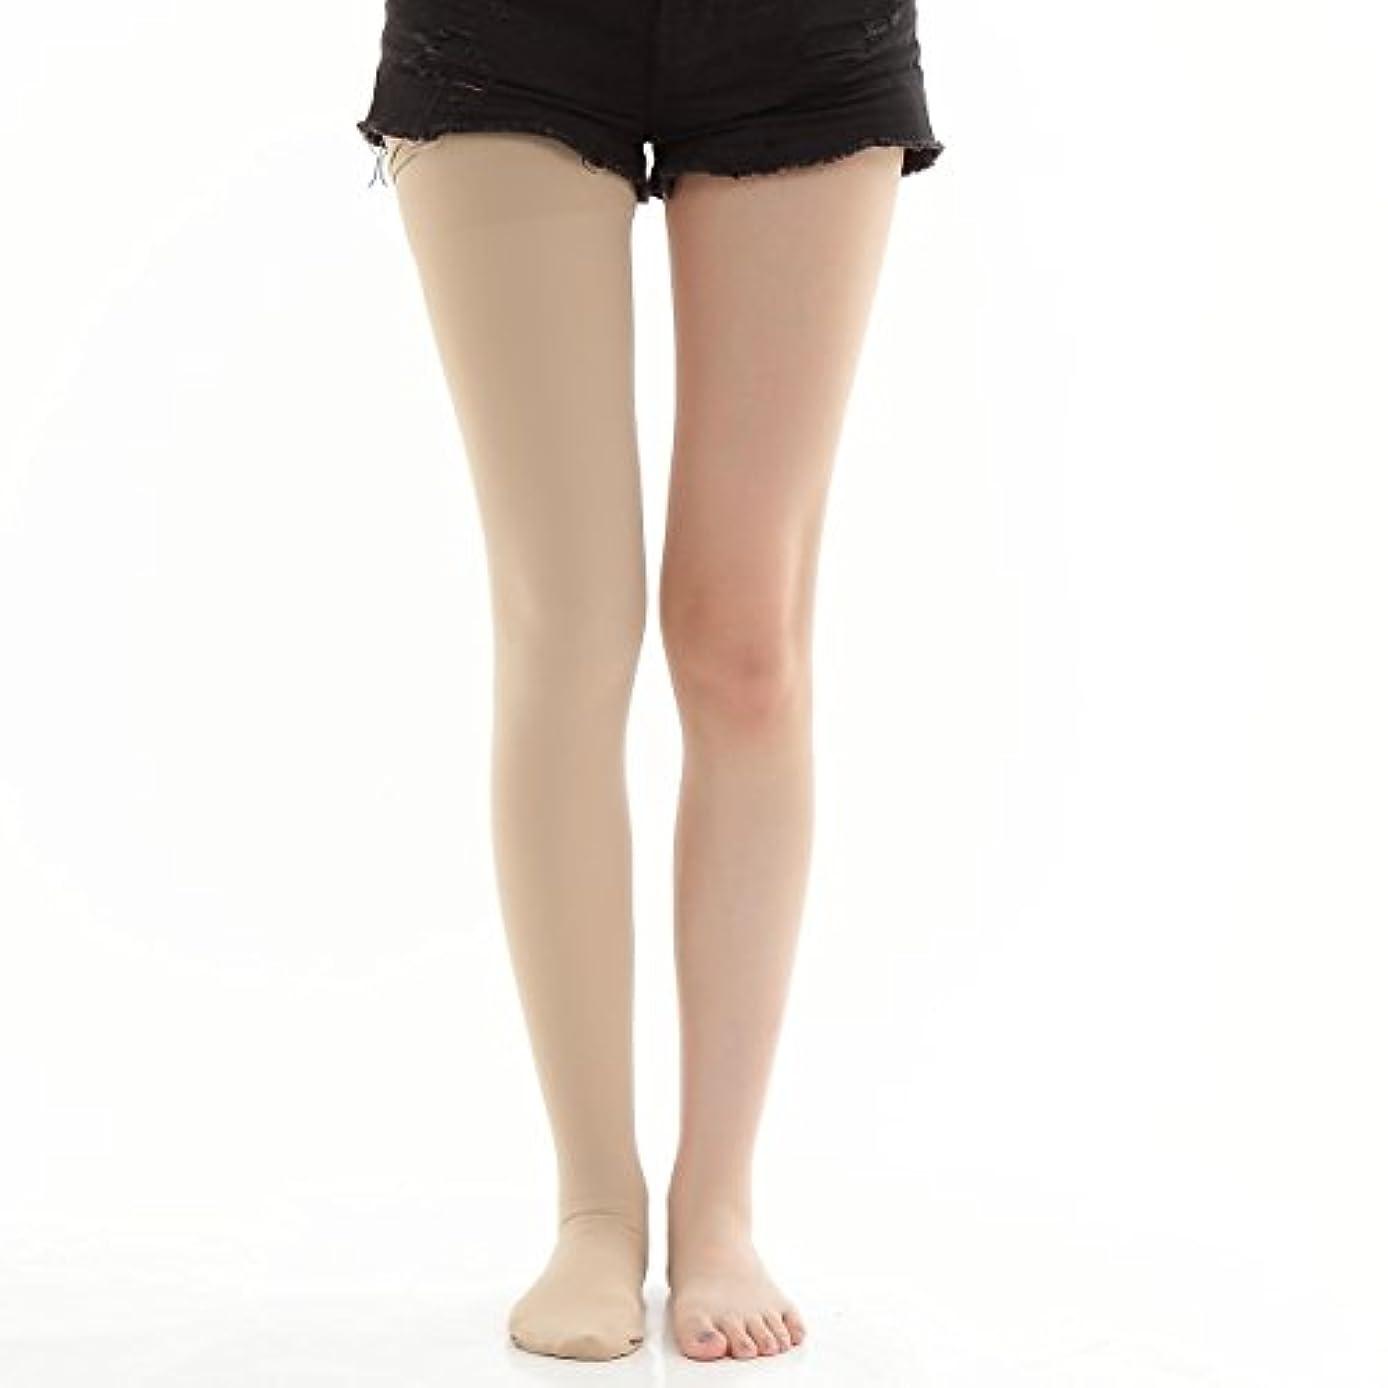 膿瘍梨無礼に着圧ストッキング ダイエット 医療用 簡単足やせ マイナス10キロ 美脚サポート (S, ベージュ)